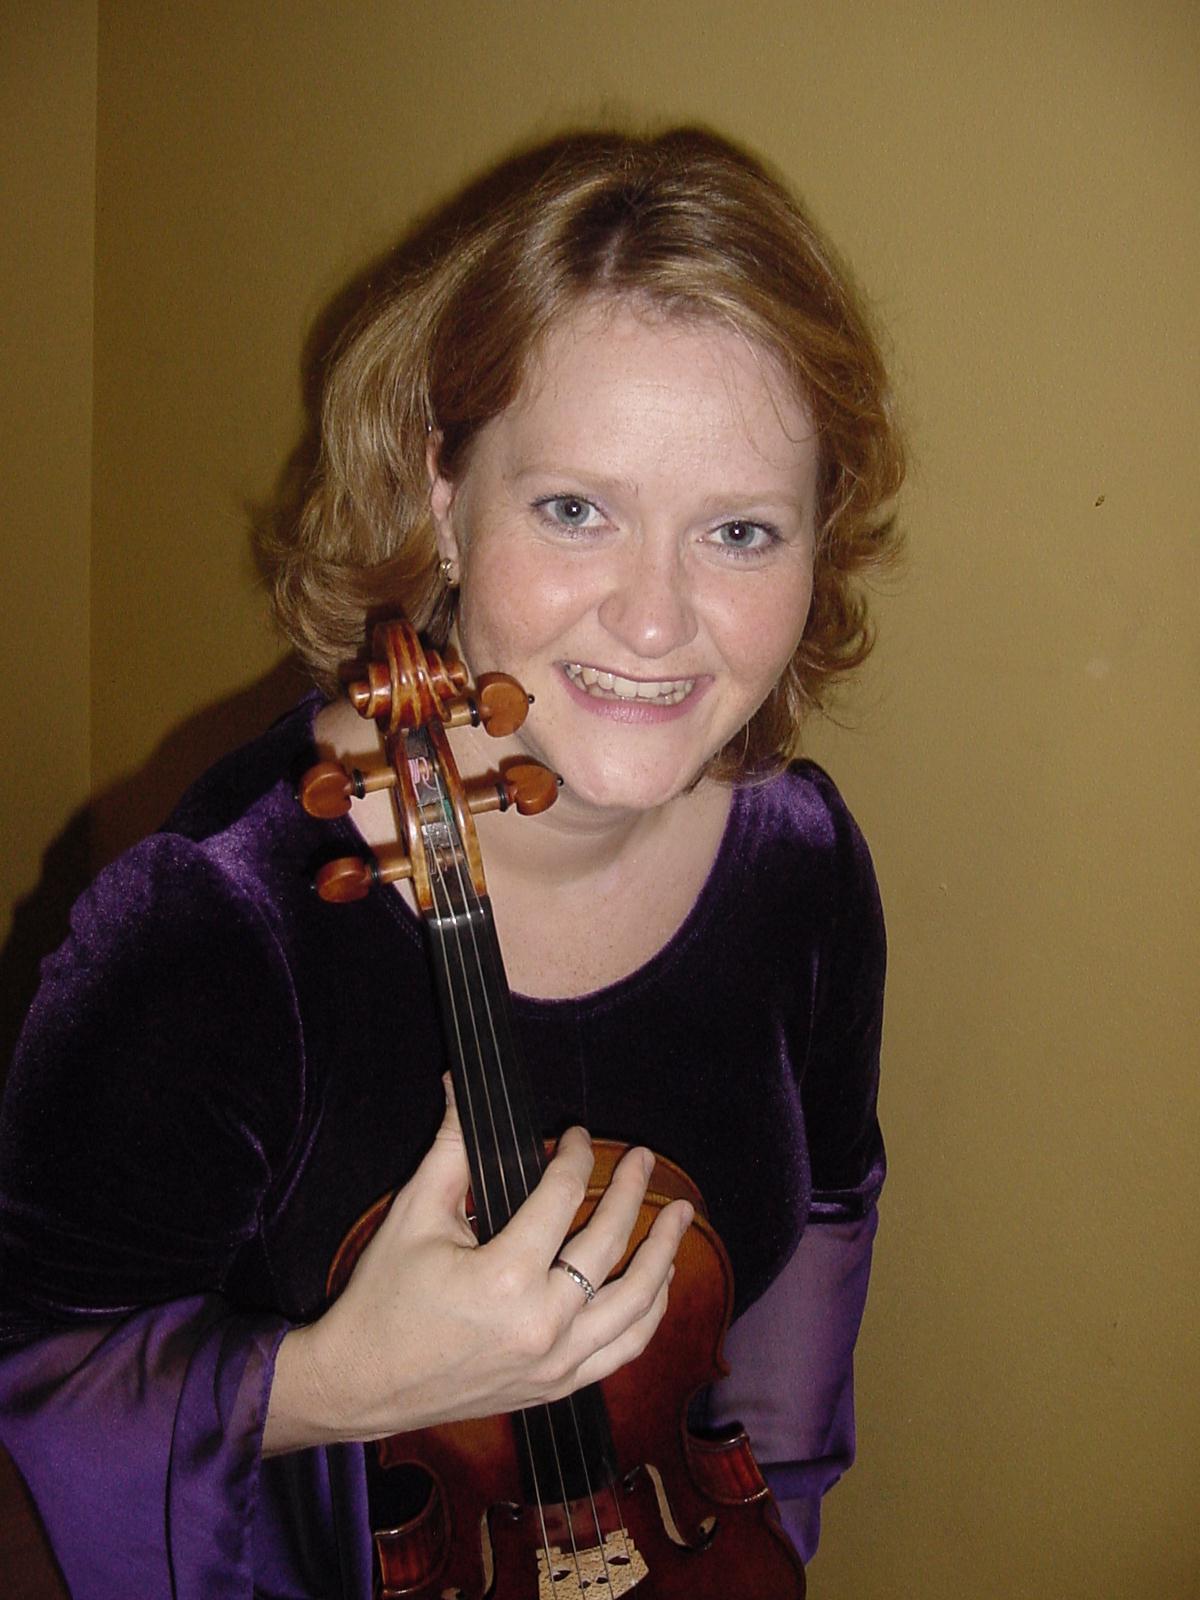 Marianne Thorsen, 2013